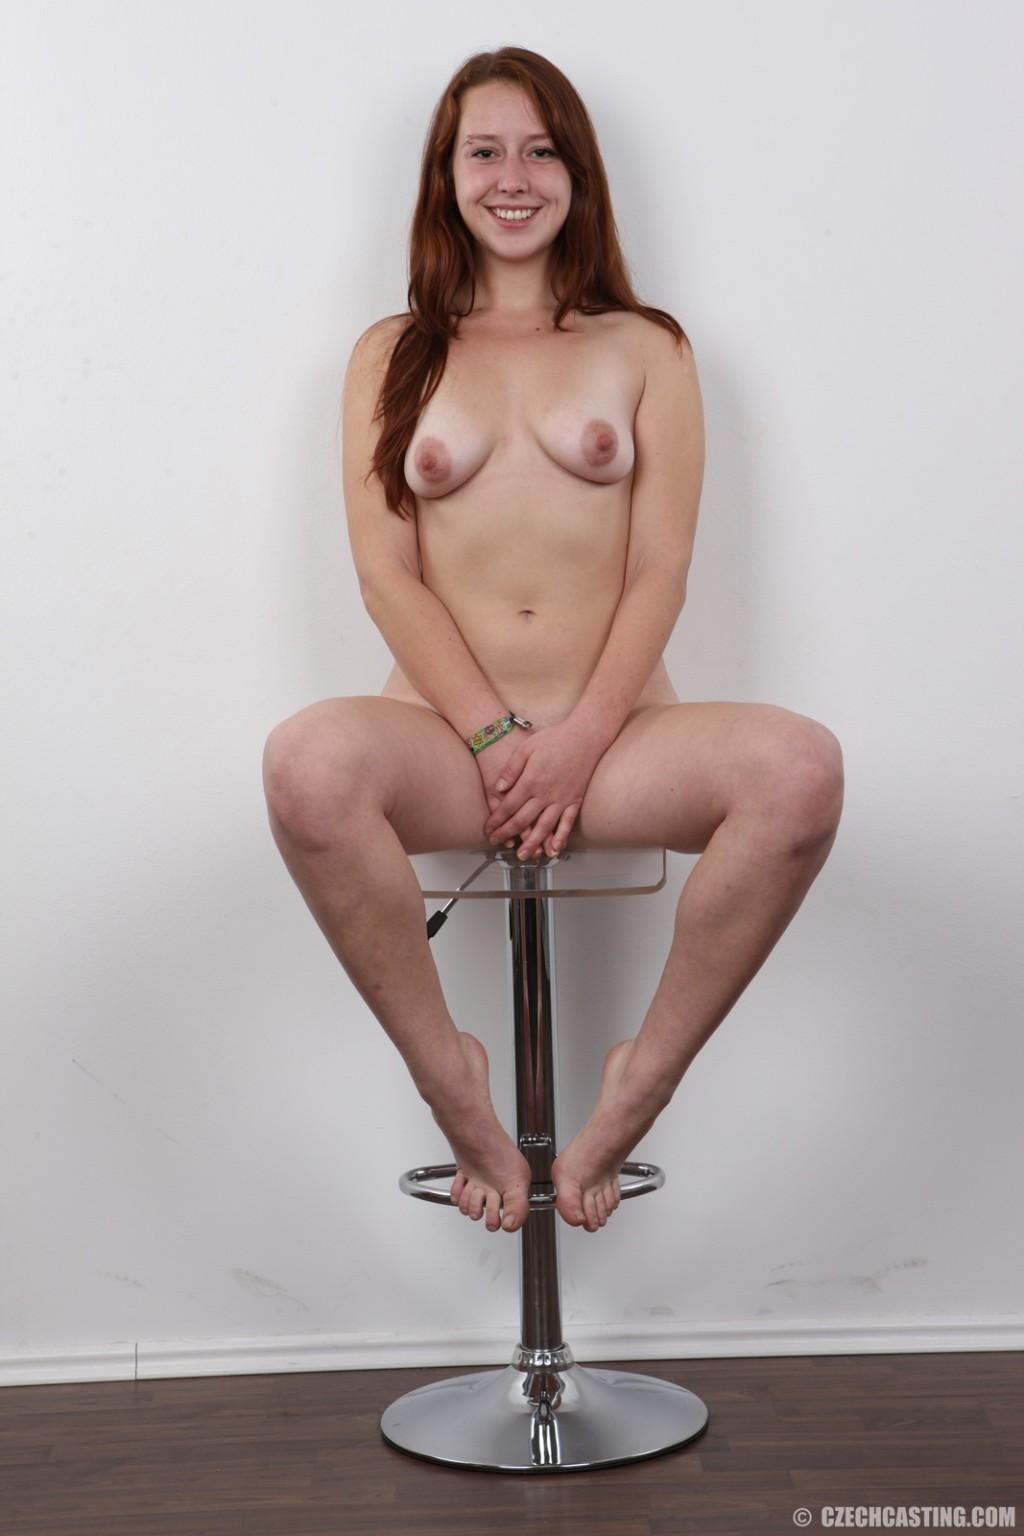 Кастинг - Порно галерея № 3502661